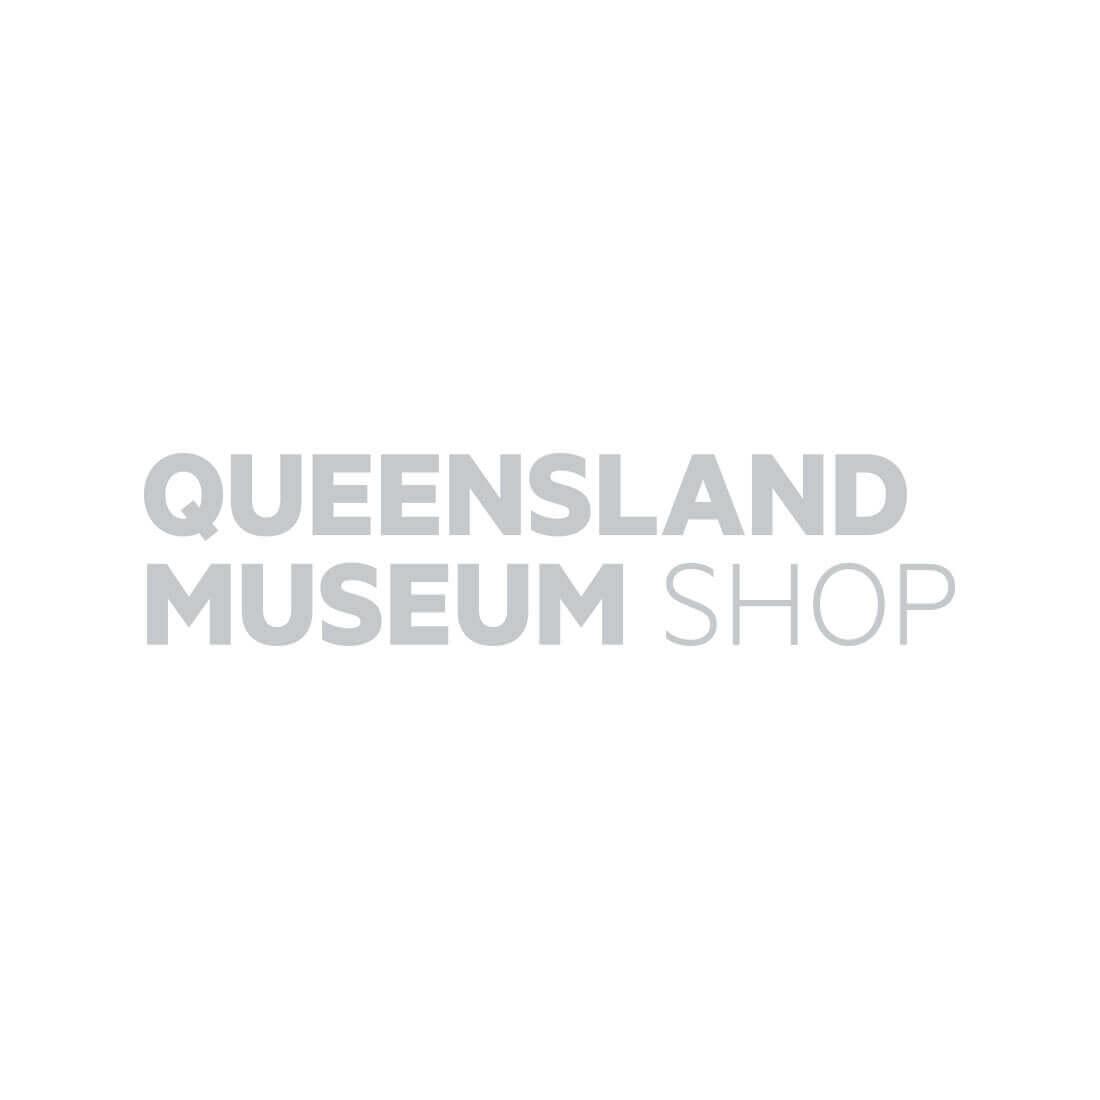 Locals MyMuseum Membership Renewal - ADULT